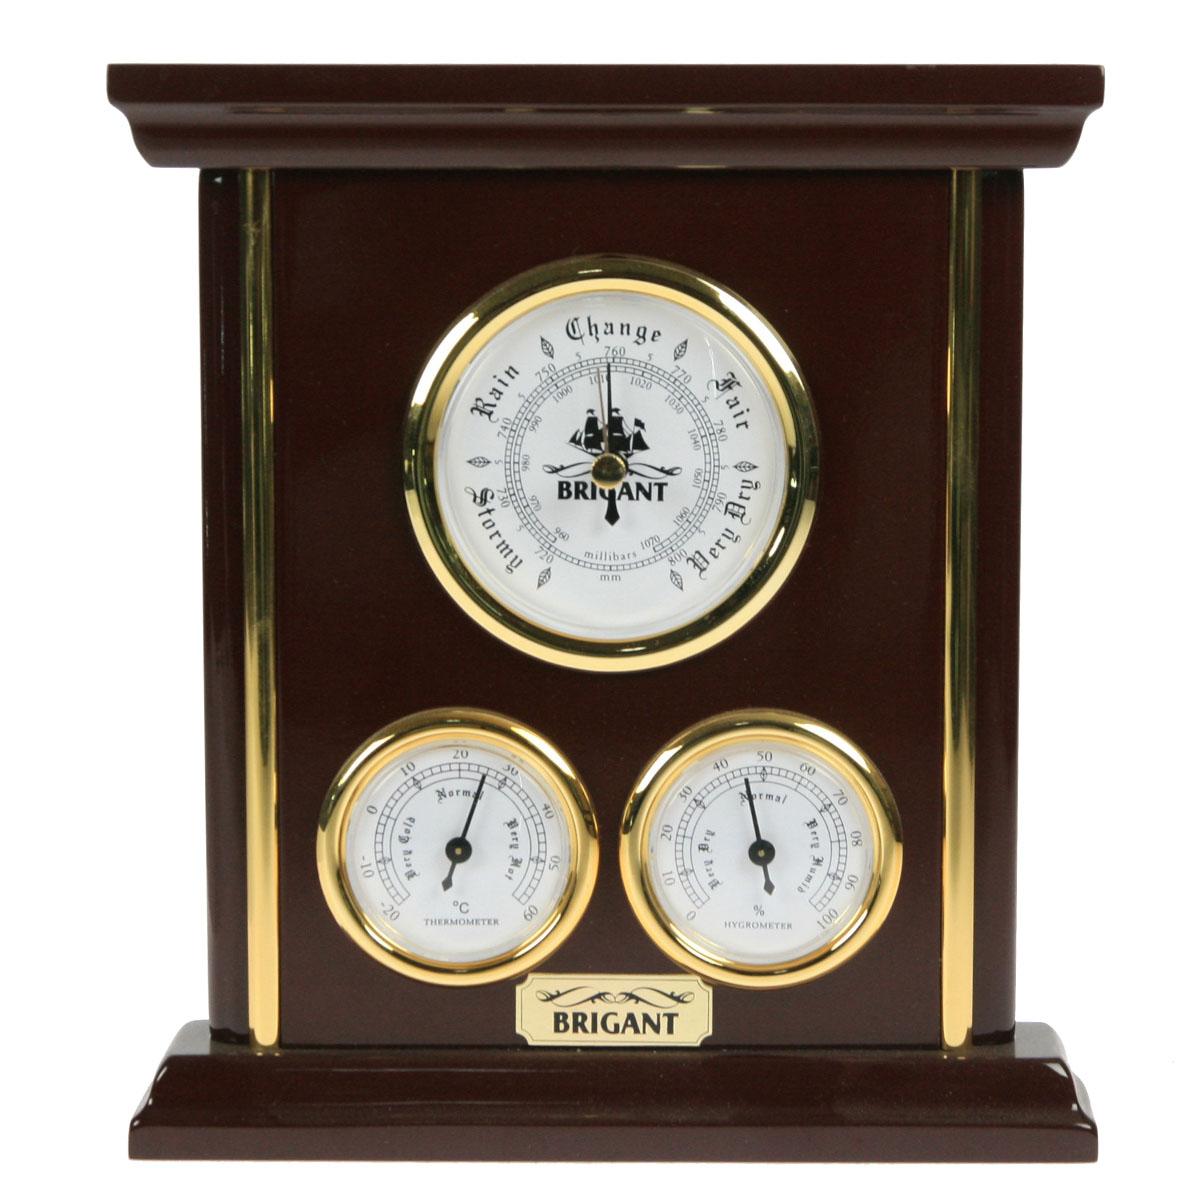 Метеостанция настольная. Барометр, термометр, гигрометр. 2805228121На панели расположены три прибора, которые одновременно показывают давление (барометр), температуру (термометр) и влажность (гигрометр) воздуха. Хромировка под золото и благородный цвет панели сделают этот предмет настоящим украшением вашего интерьера. Характеристики:Материал:МДФ, стекло, бумага, металл, пластмасса. Производитель:Франция. Размер метеостанции:19,5 см х 3,5 см х 22 см. Размер упаковки:24,5 см х 6 см х 21,5 см. Артикул: 28052.